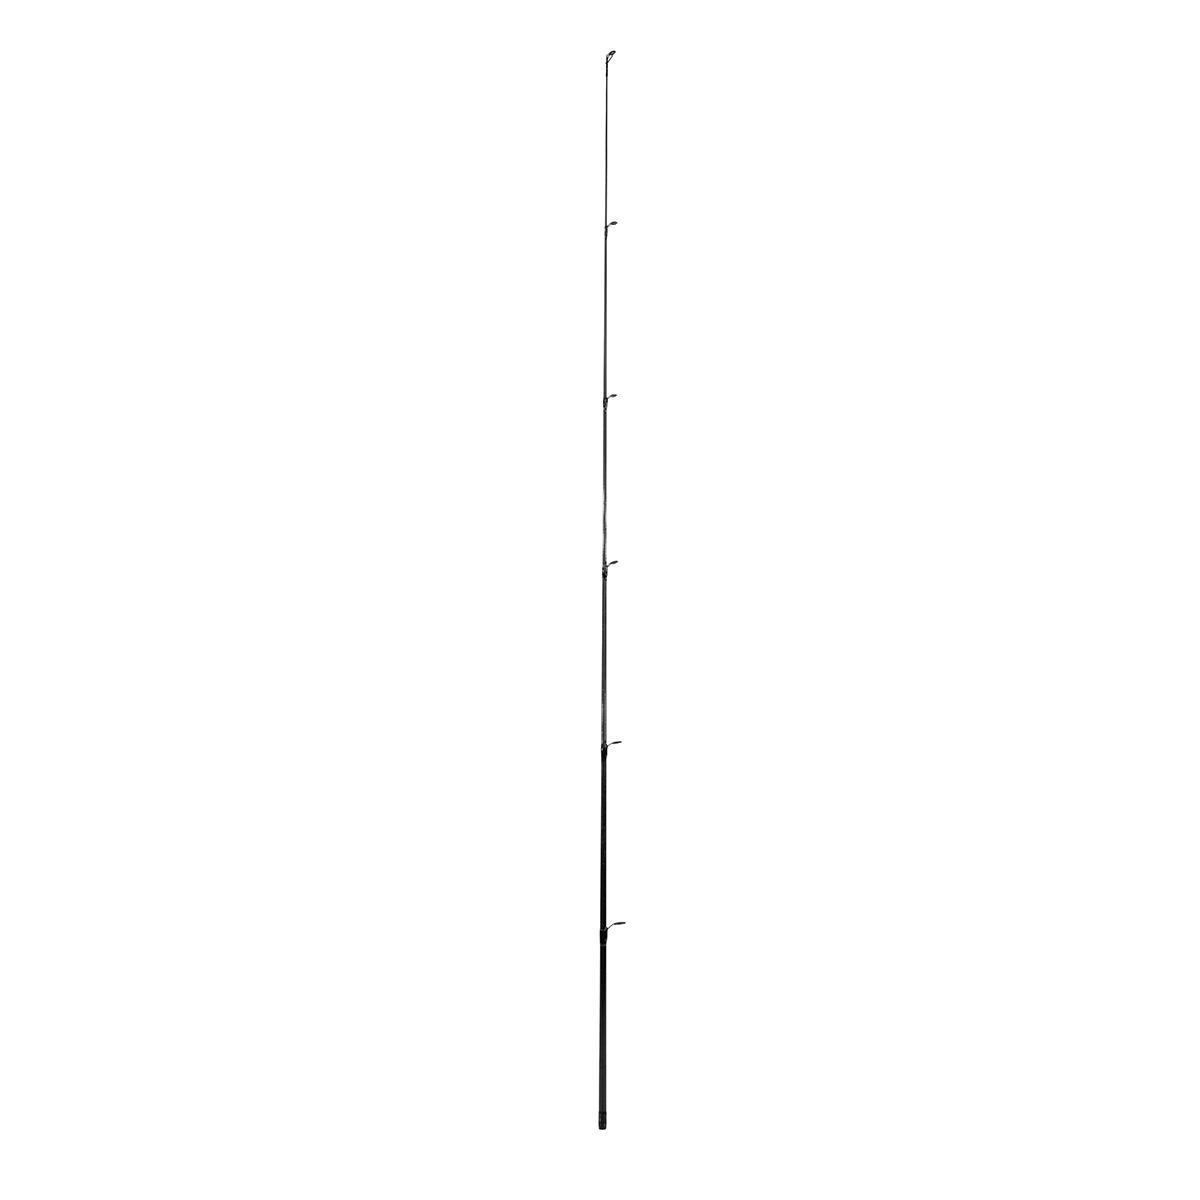 Шестик для спиннинга 2,4 м 10-30 гр 8,5 мм PREMIER (PR-SH-2.4-10-30-8.5)